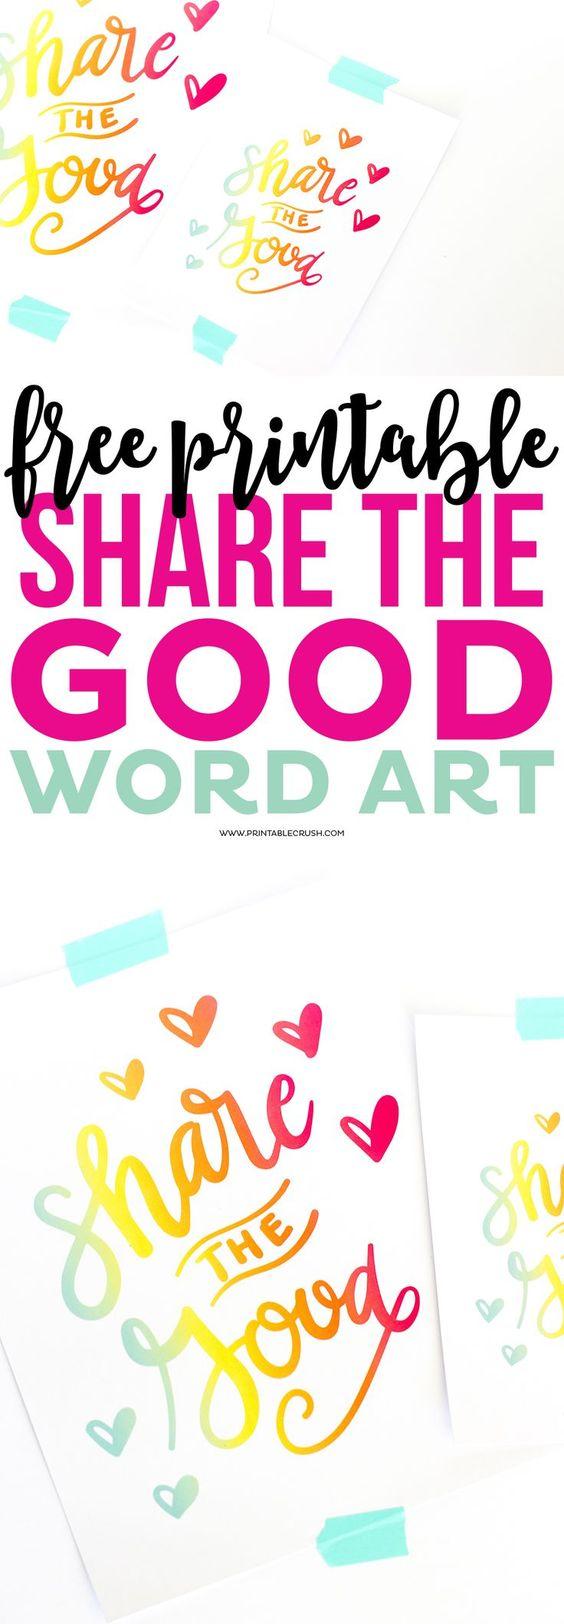 Share the Good Printable Word Art